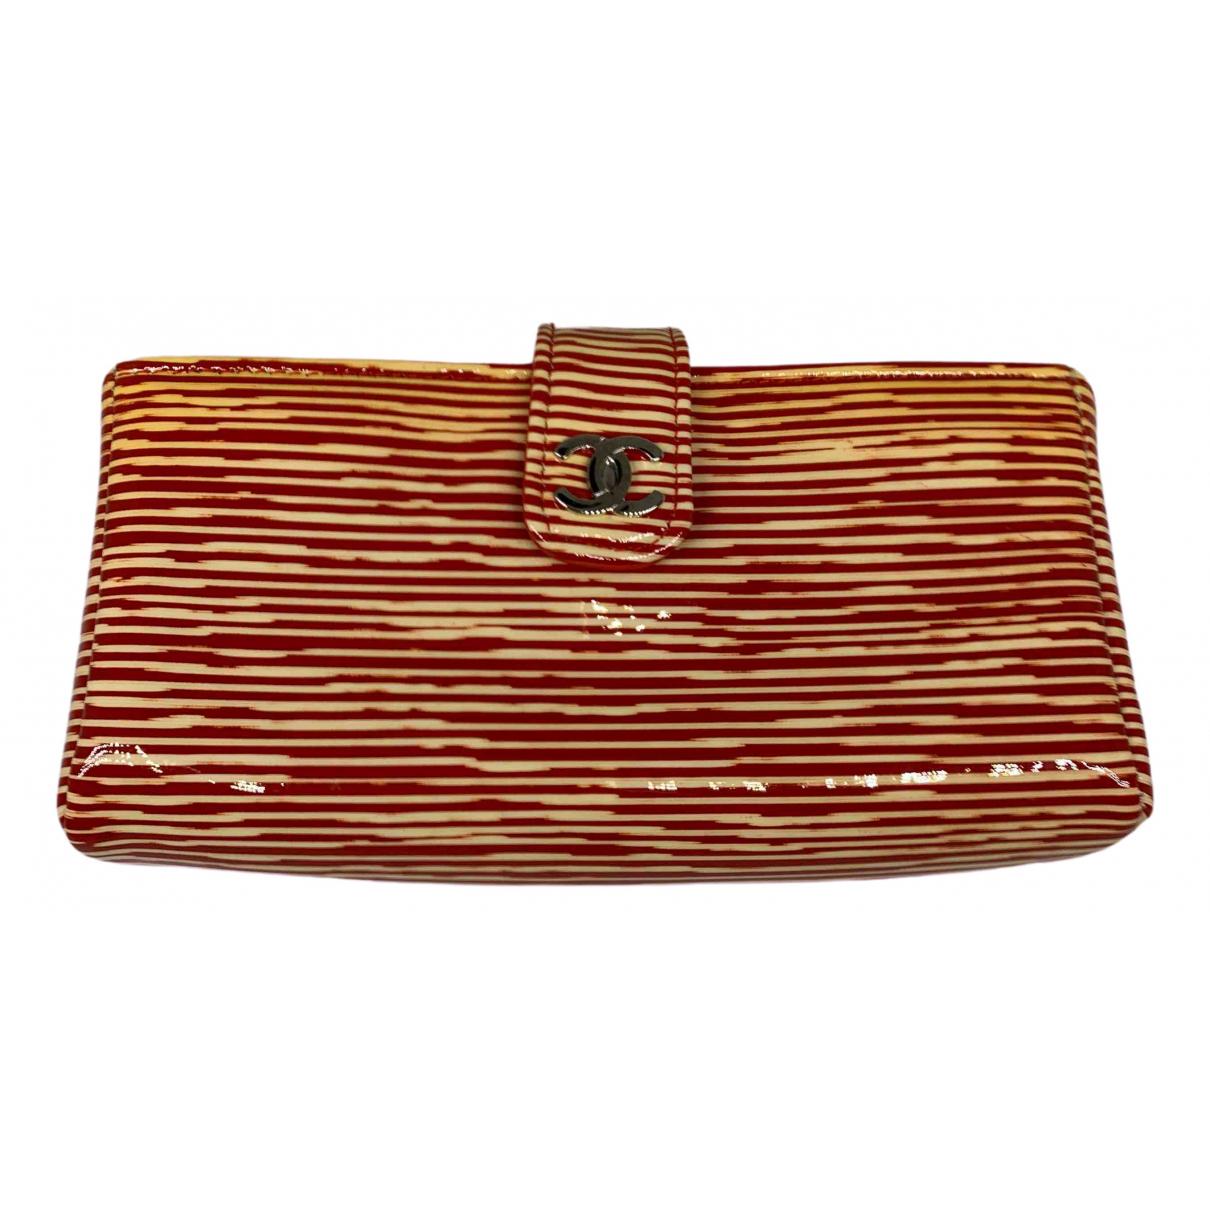 Chanel \N Portemonnaie in  Rot Lackleder